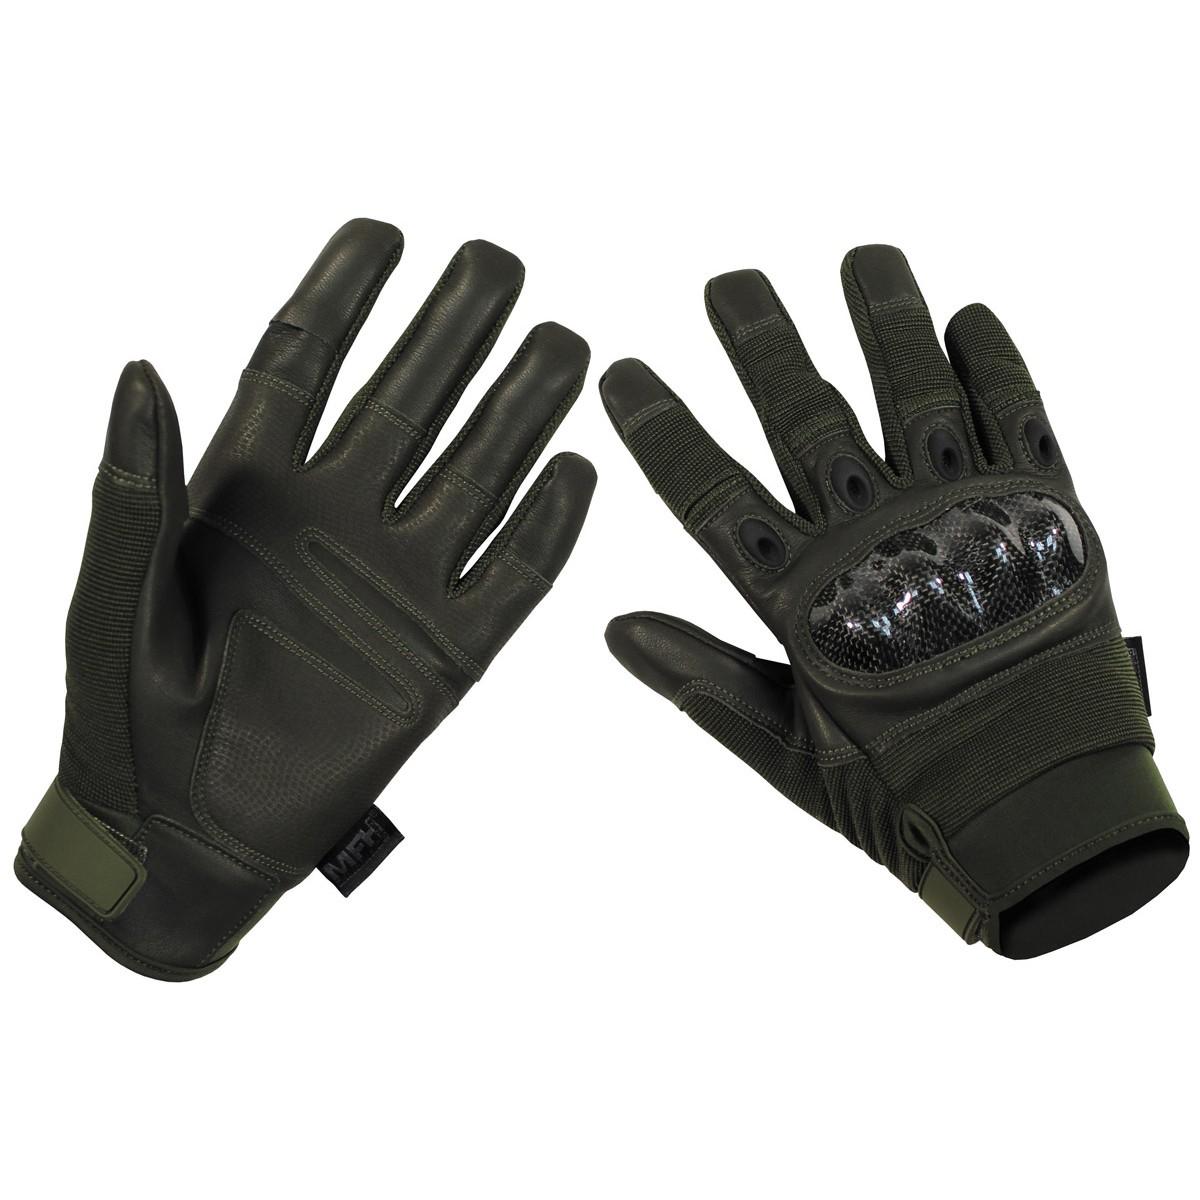 Taktičke rukavice Mission OD